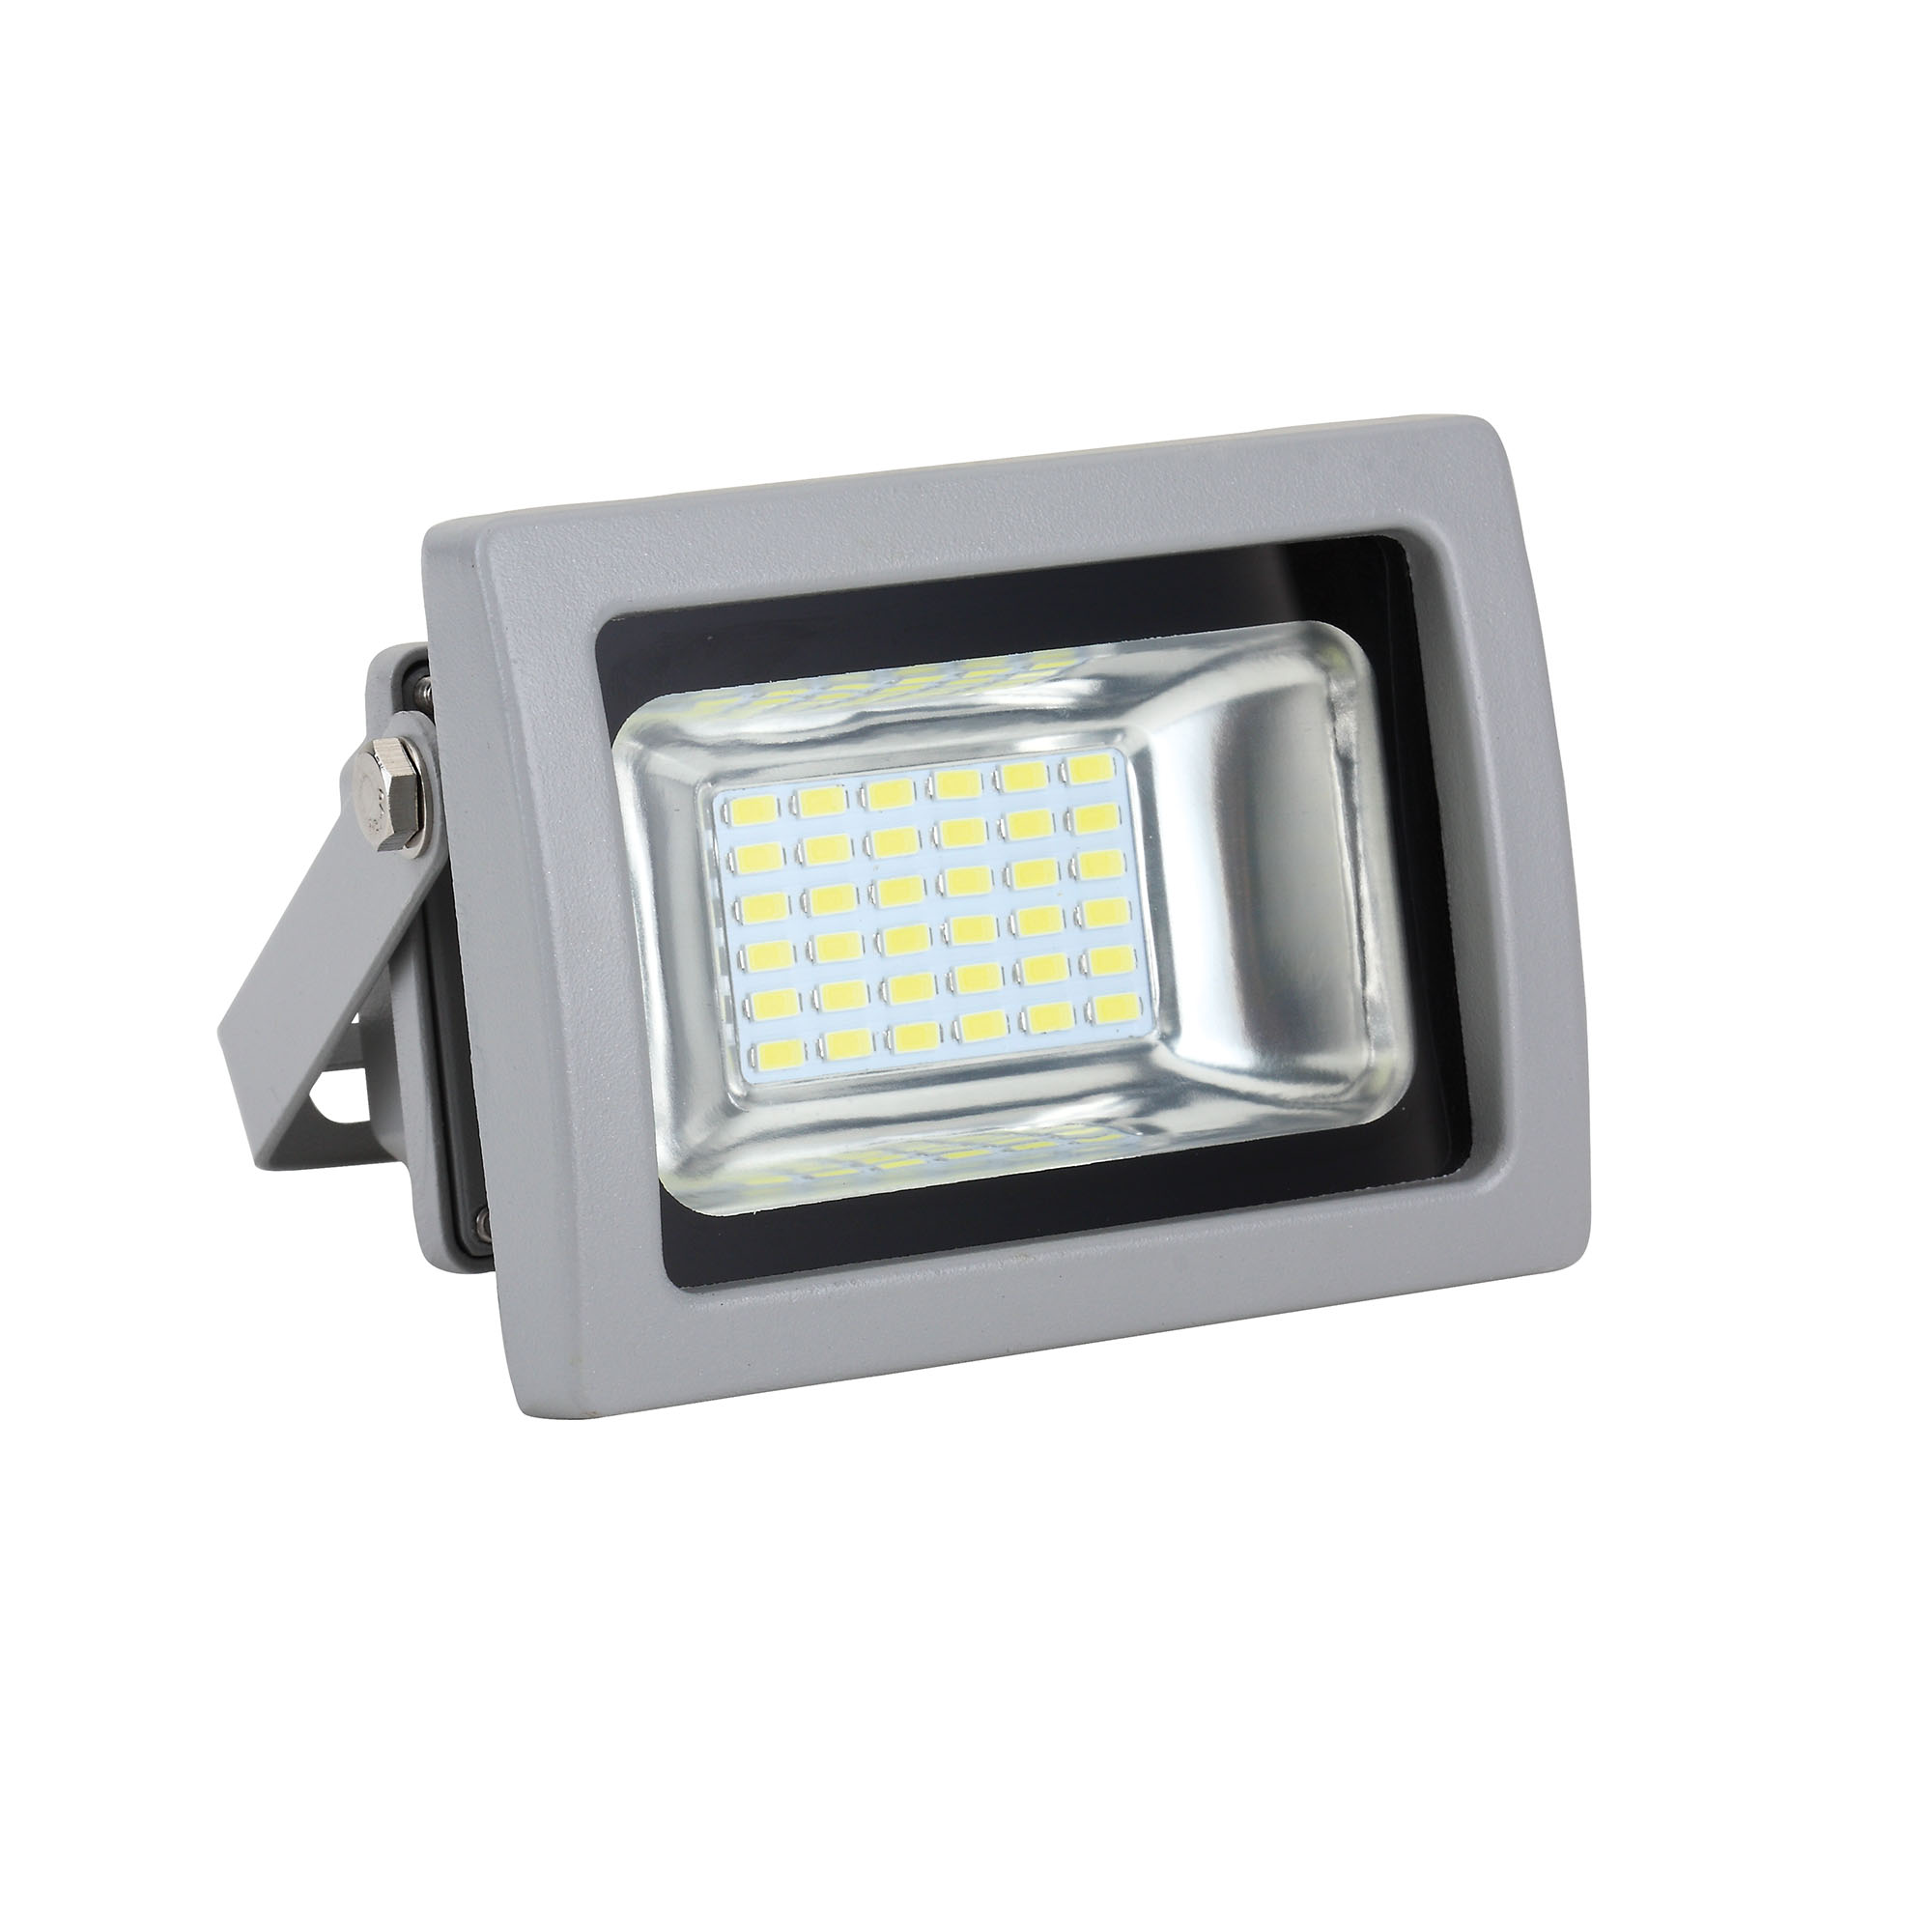 Светодиодный прожектор Uniel Ulf-s04-10w/dw uniel ulf s04 200w dw